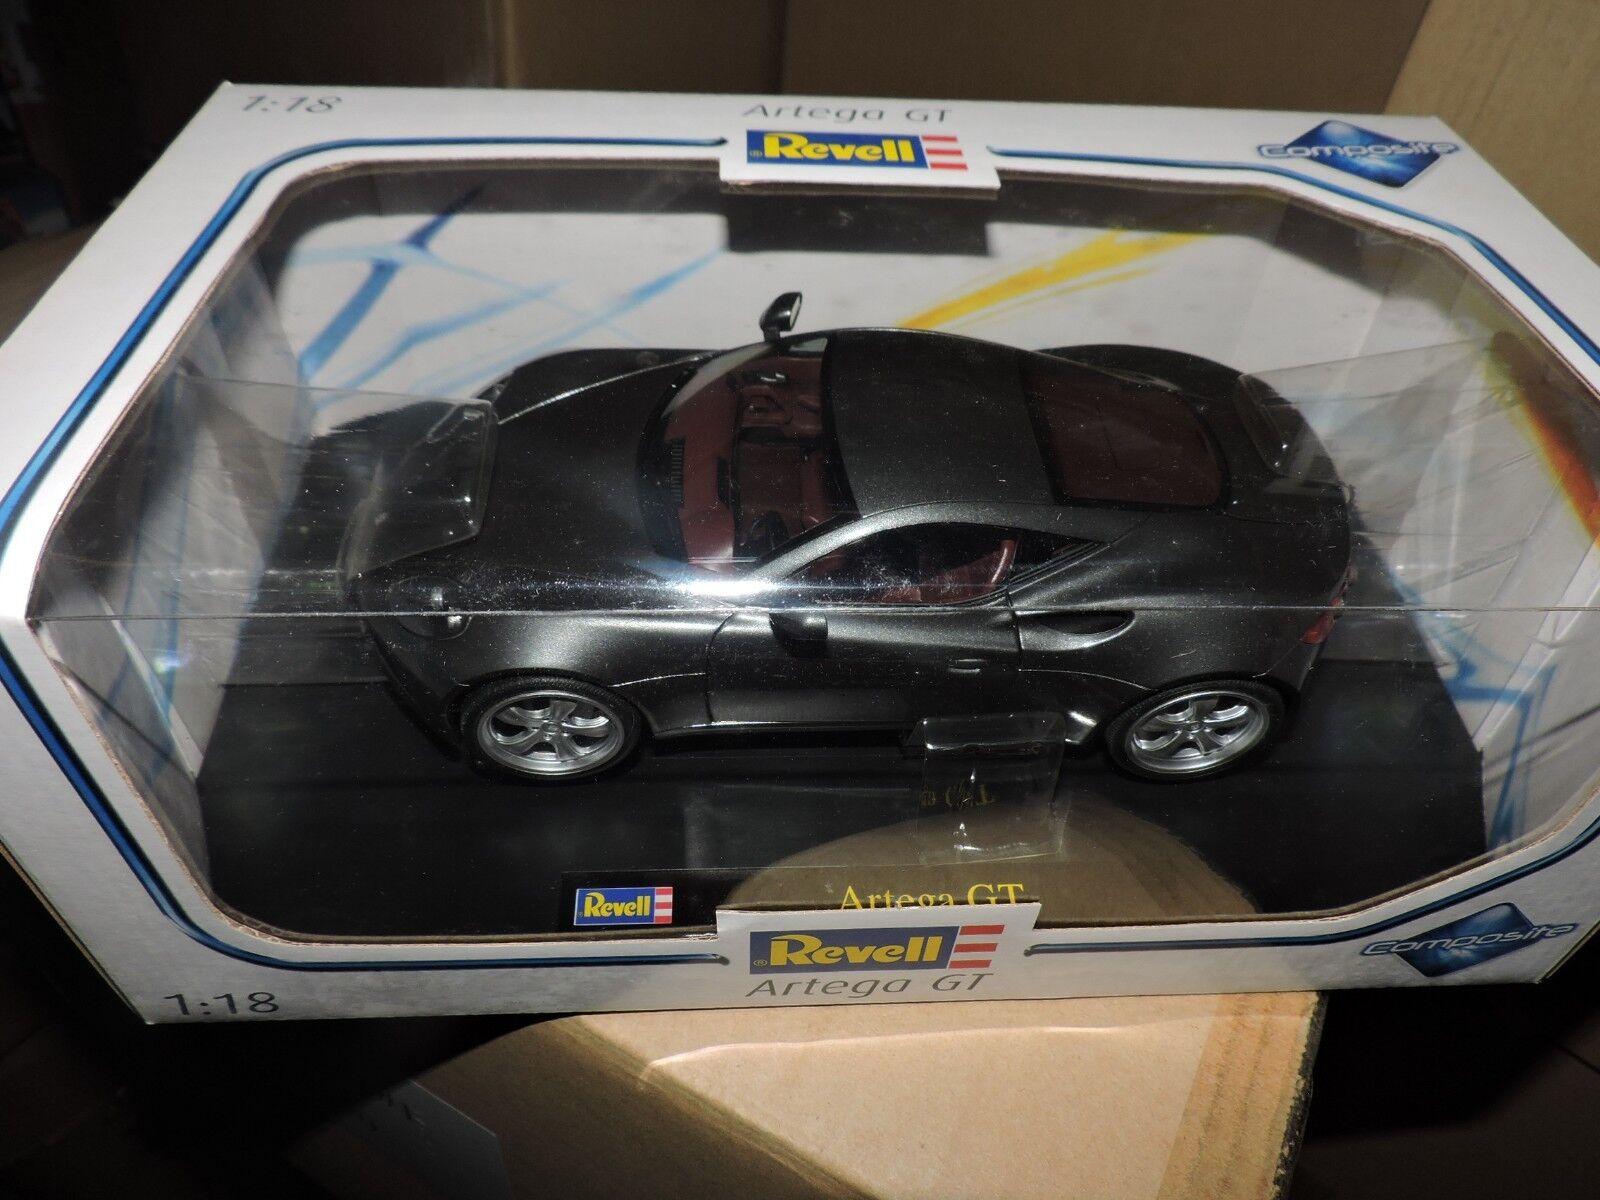 REVELL 1/18th SCALE DIE CAST ARTEGA GT # 09024 BOX SCUFFED